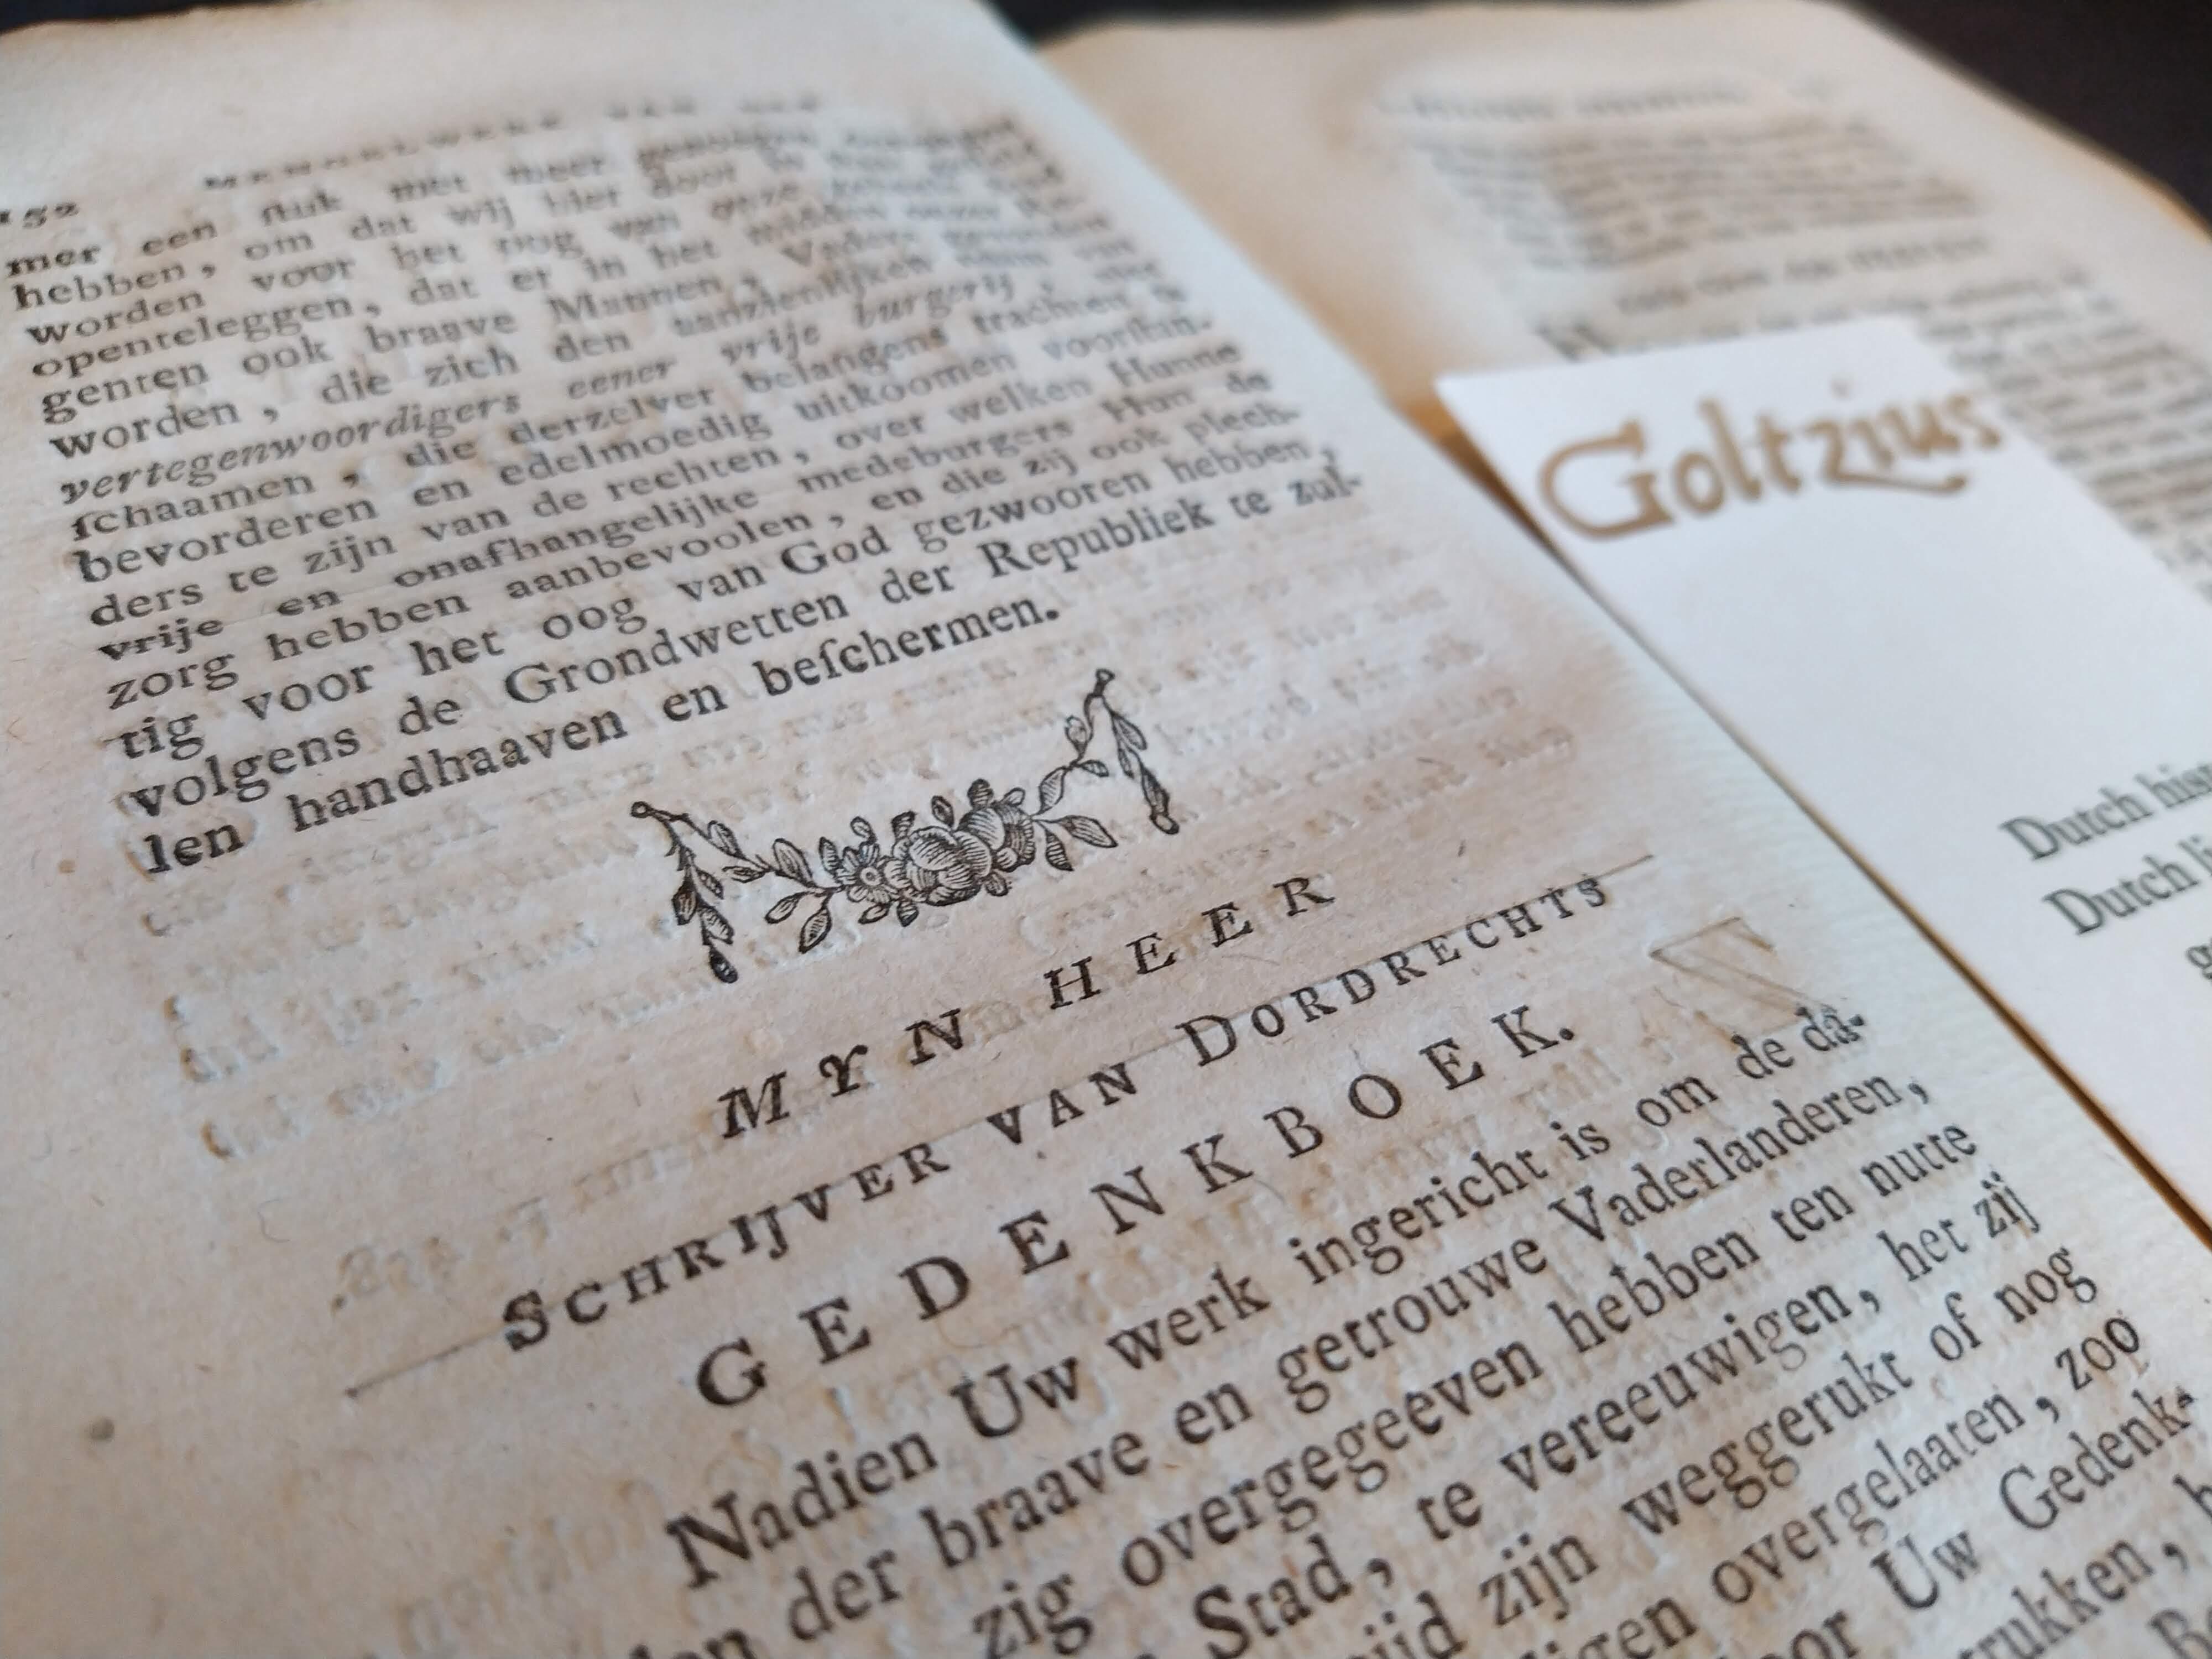 Mengelwerk van het Dordrechts gedenkboek